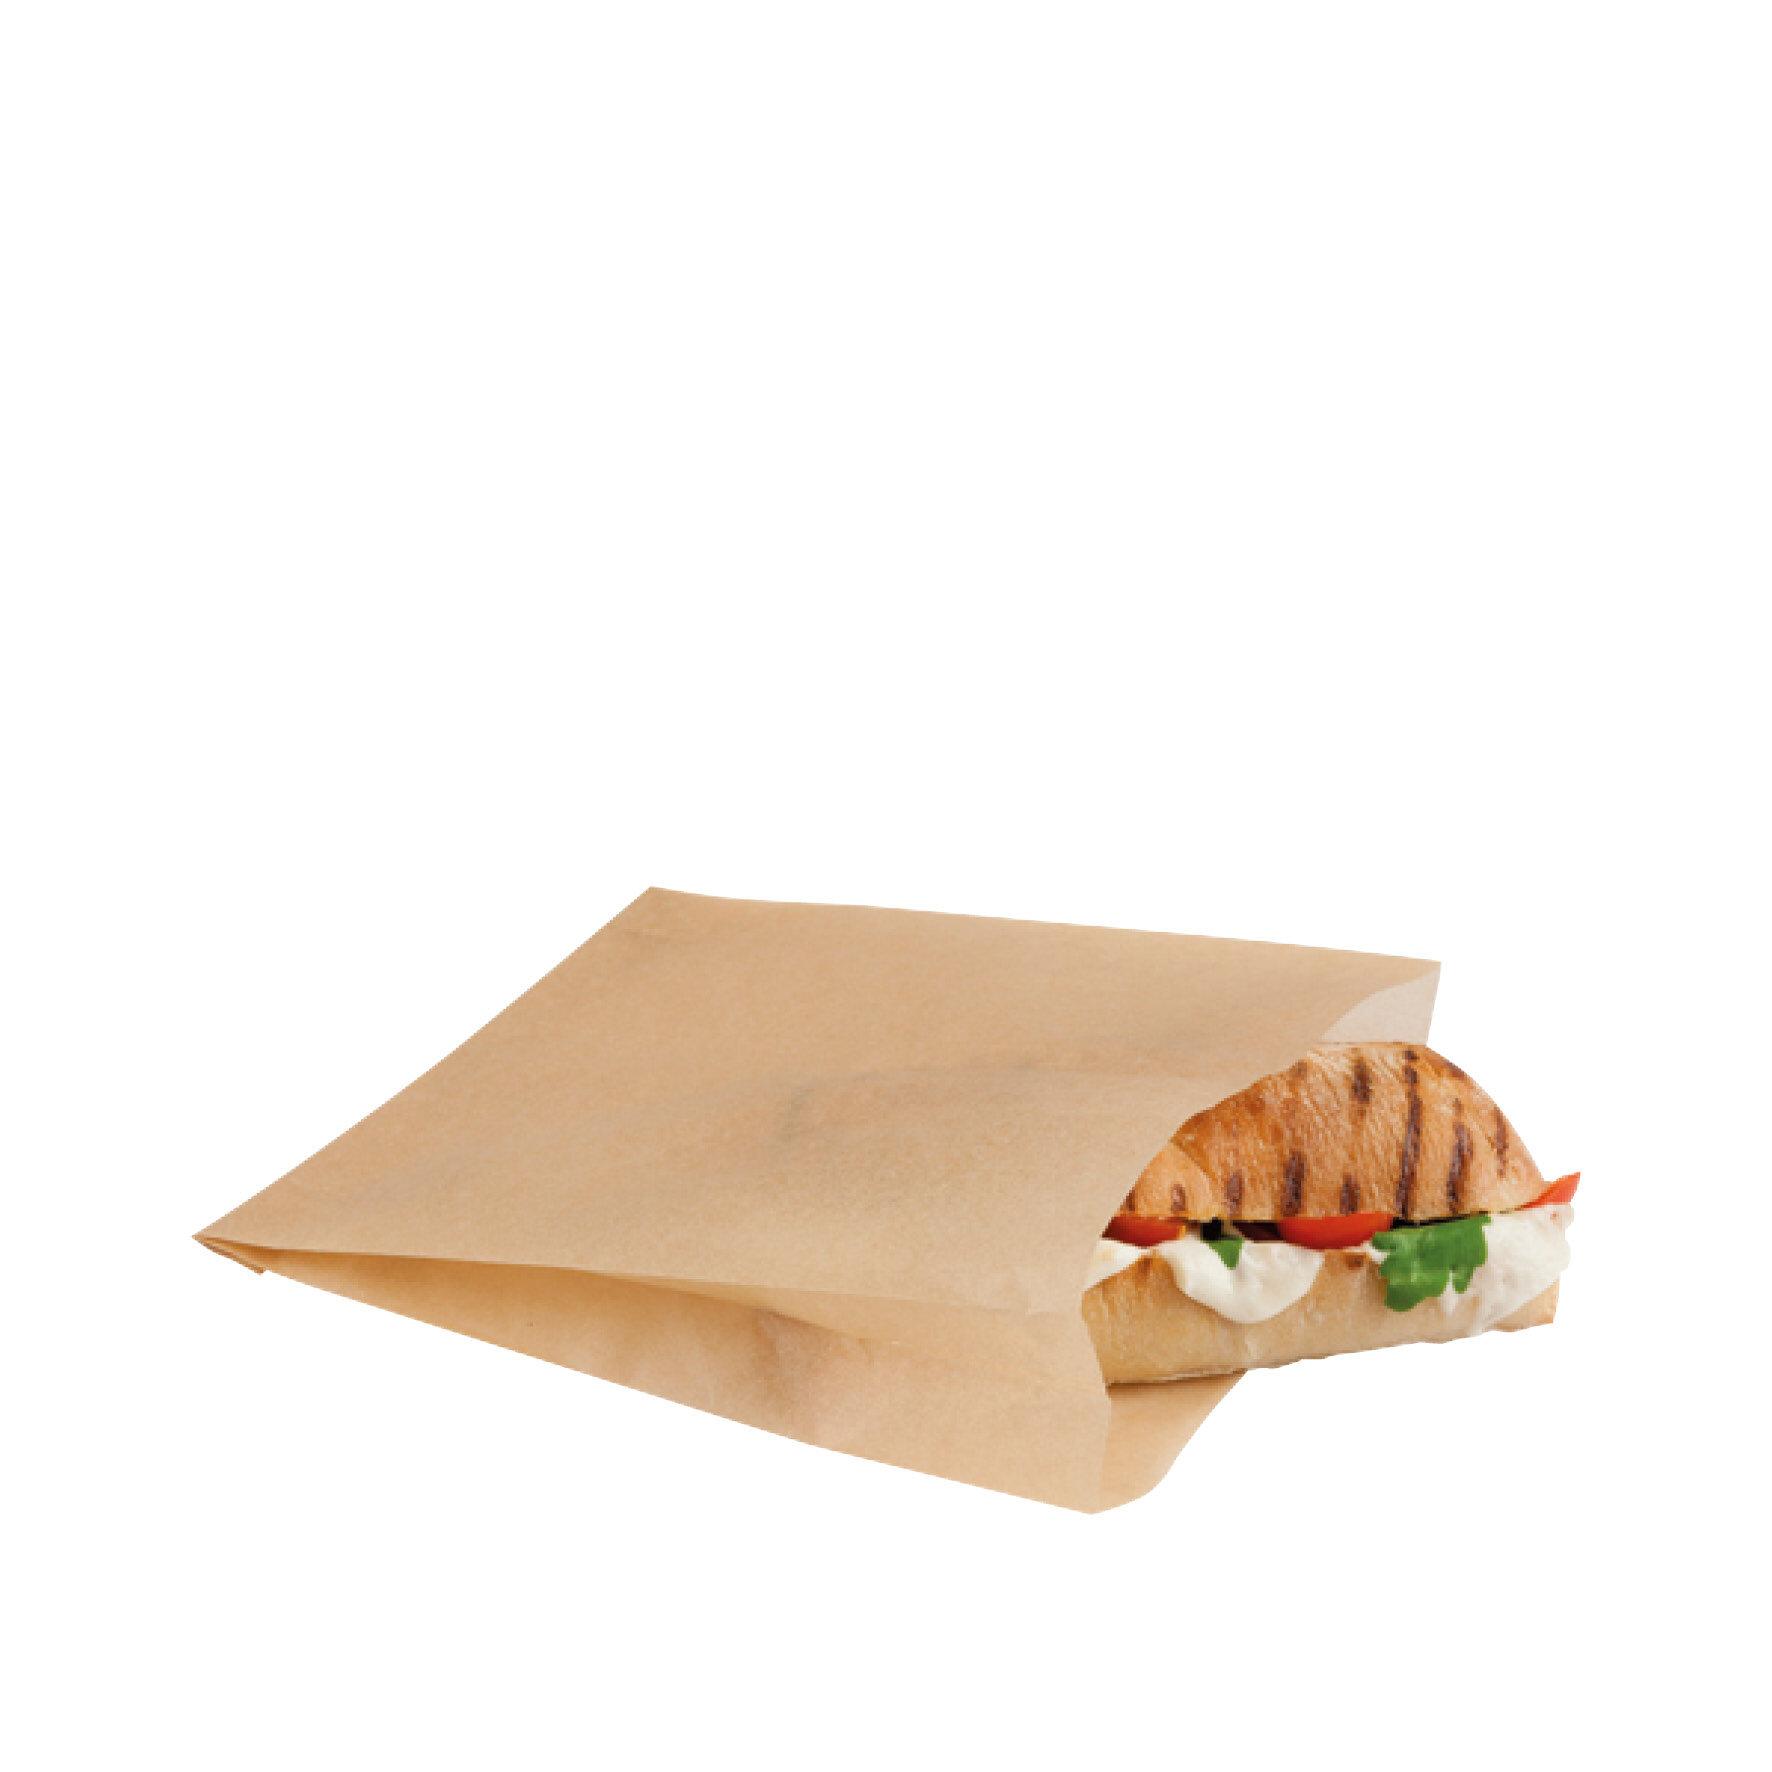 WEBAbag  Grillbeutel Kraft    geeignet für Kontaktgrill, Mikrowelle und Backofen, bis +220°C, individuell bedruckbar, Brot bekommt Grillstreifen ohne Kontakt zur Grillplatte